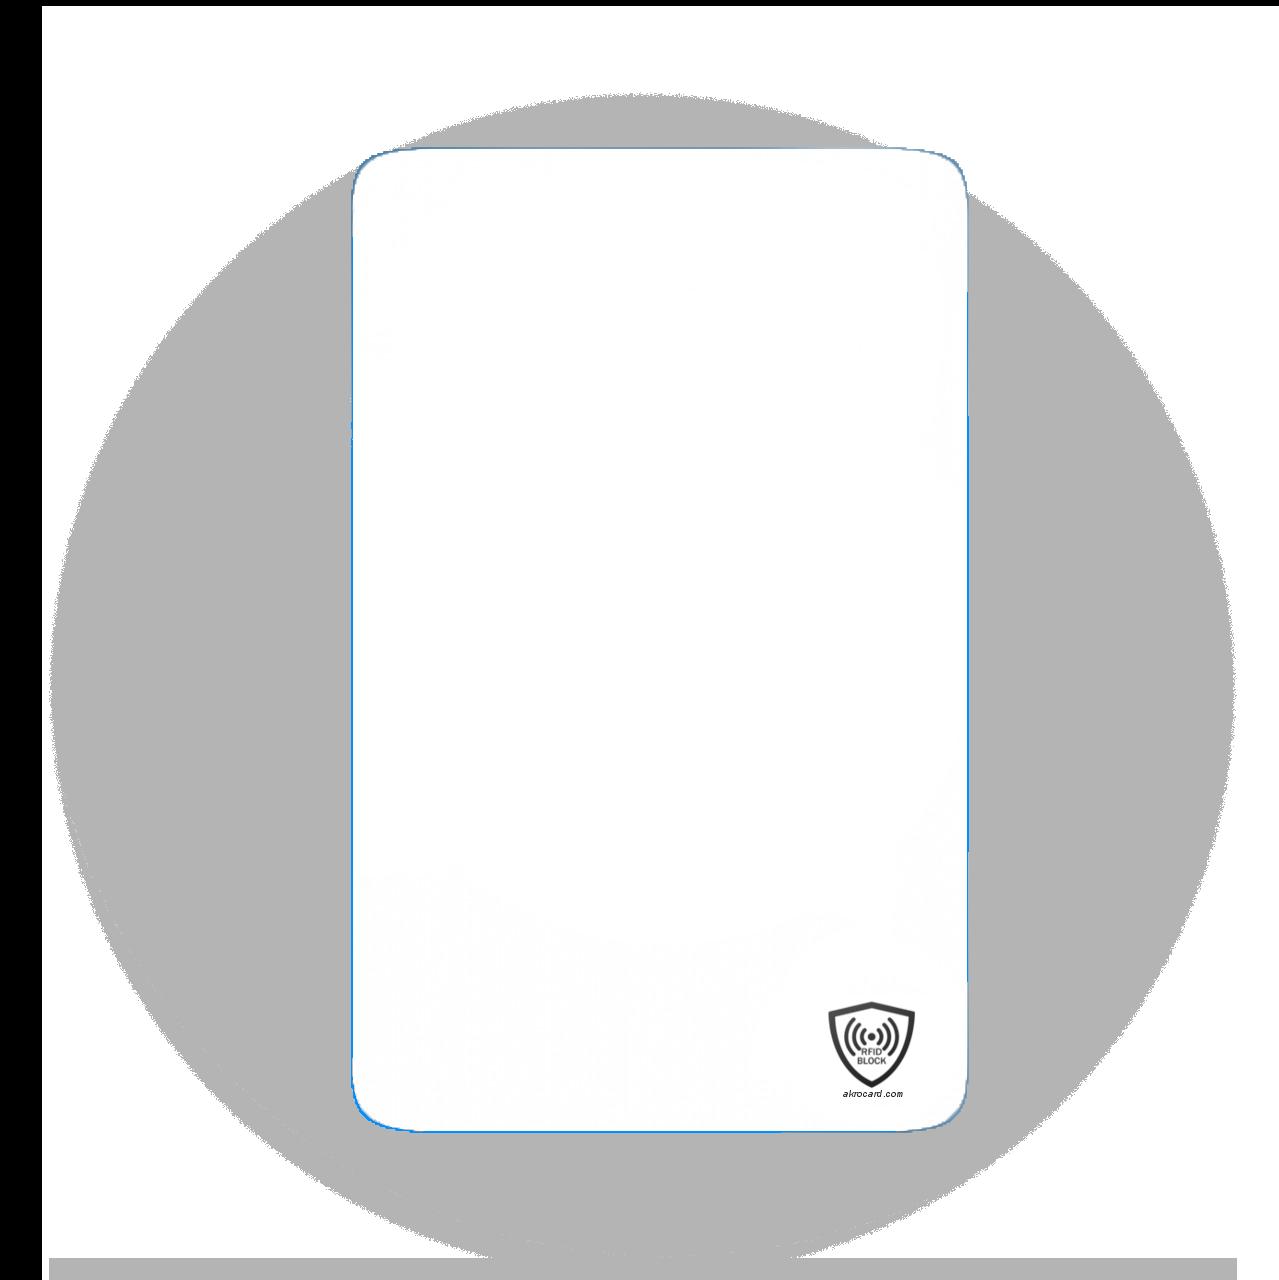 Diseño de la Tarjeta Bloqueo RFID by Akrocard®